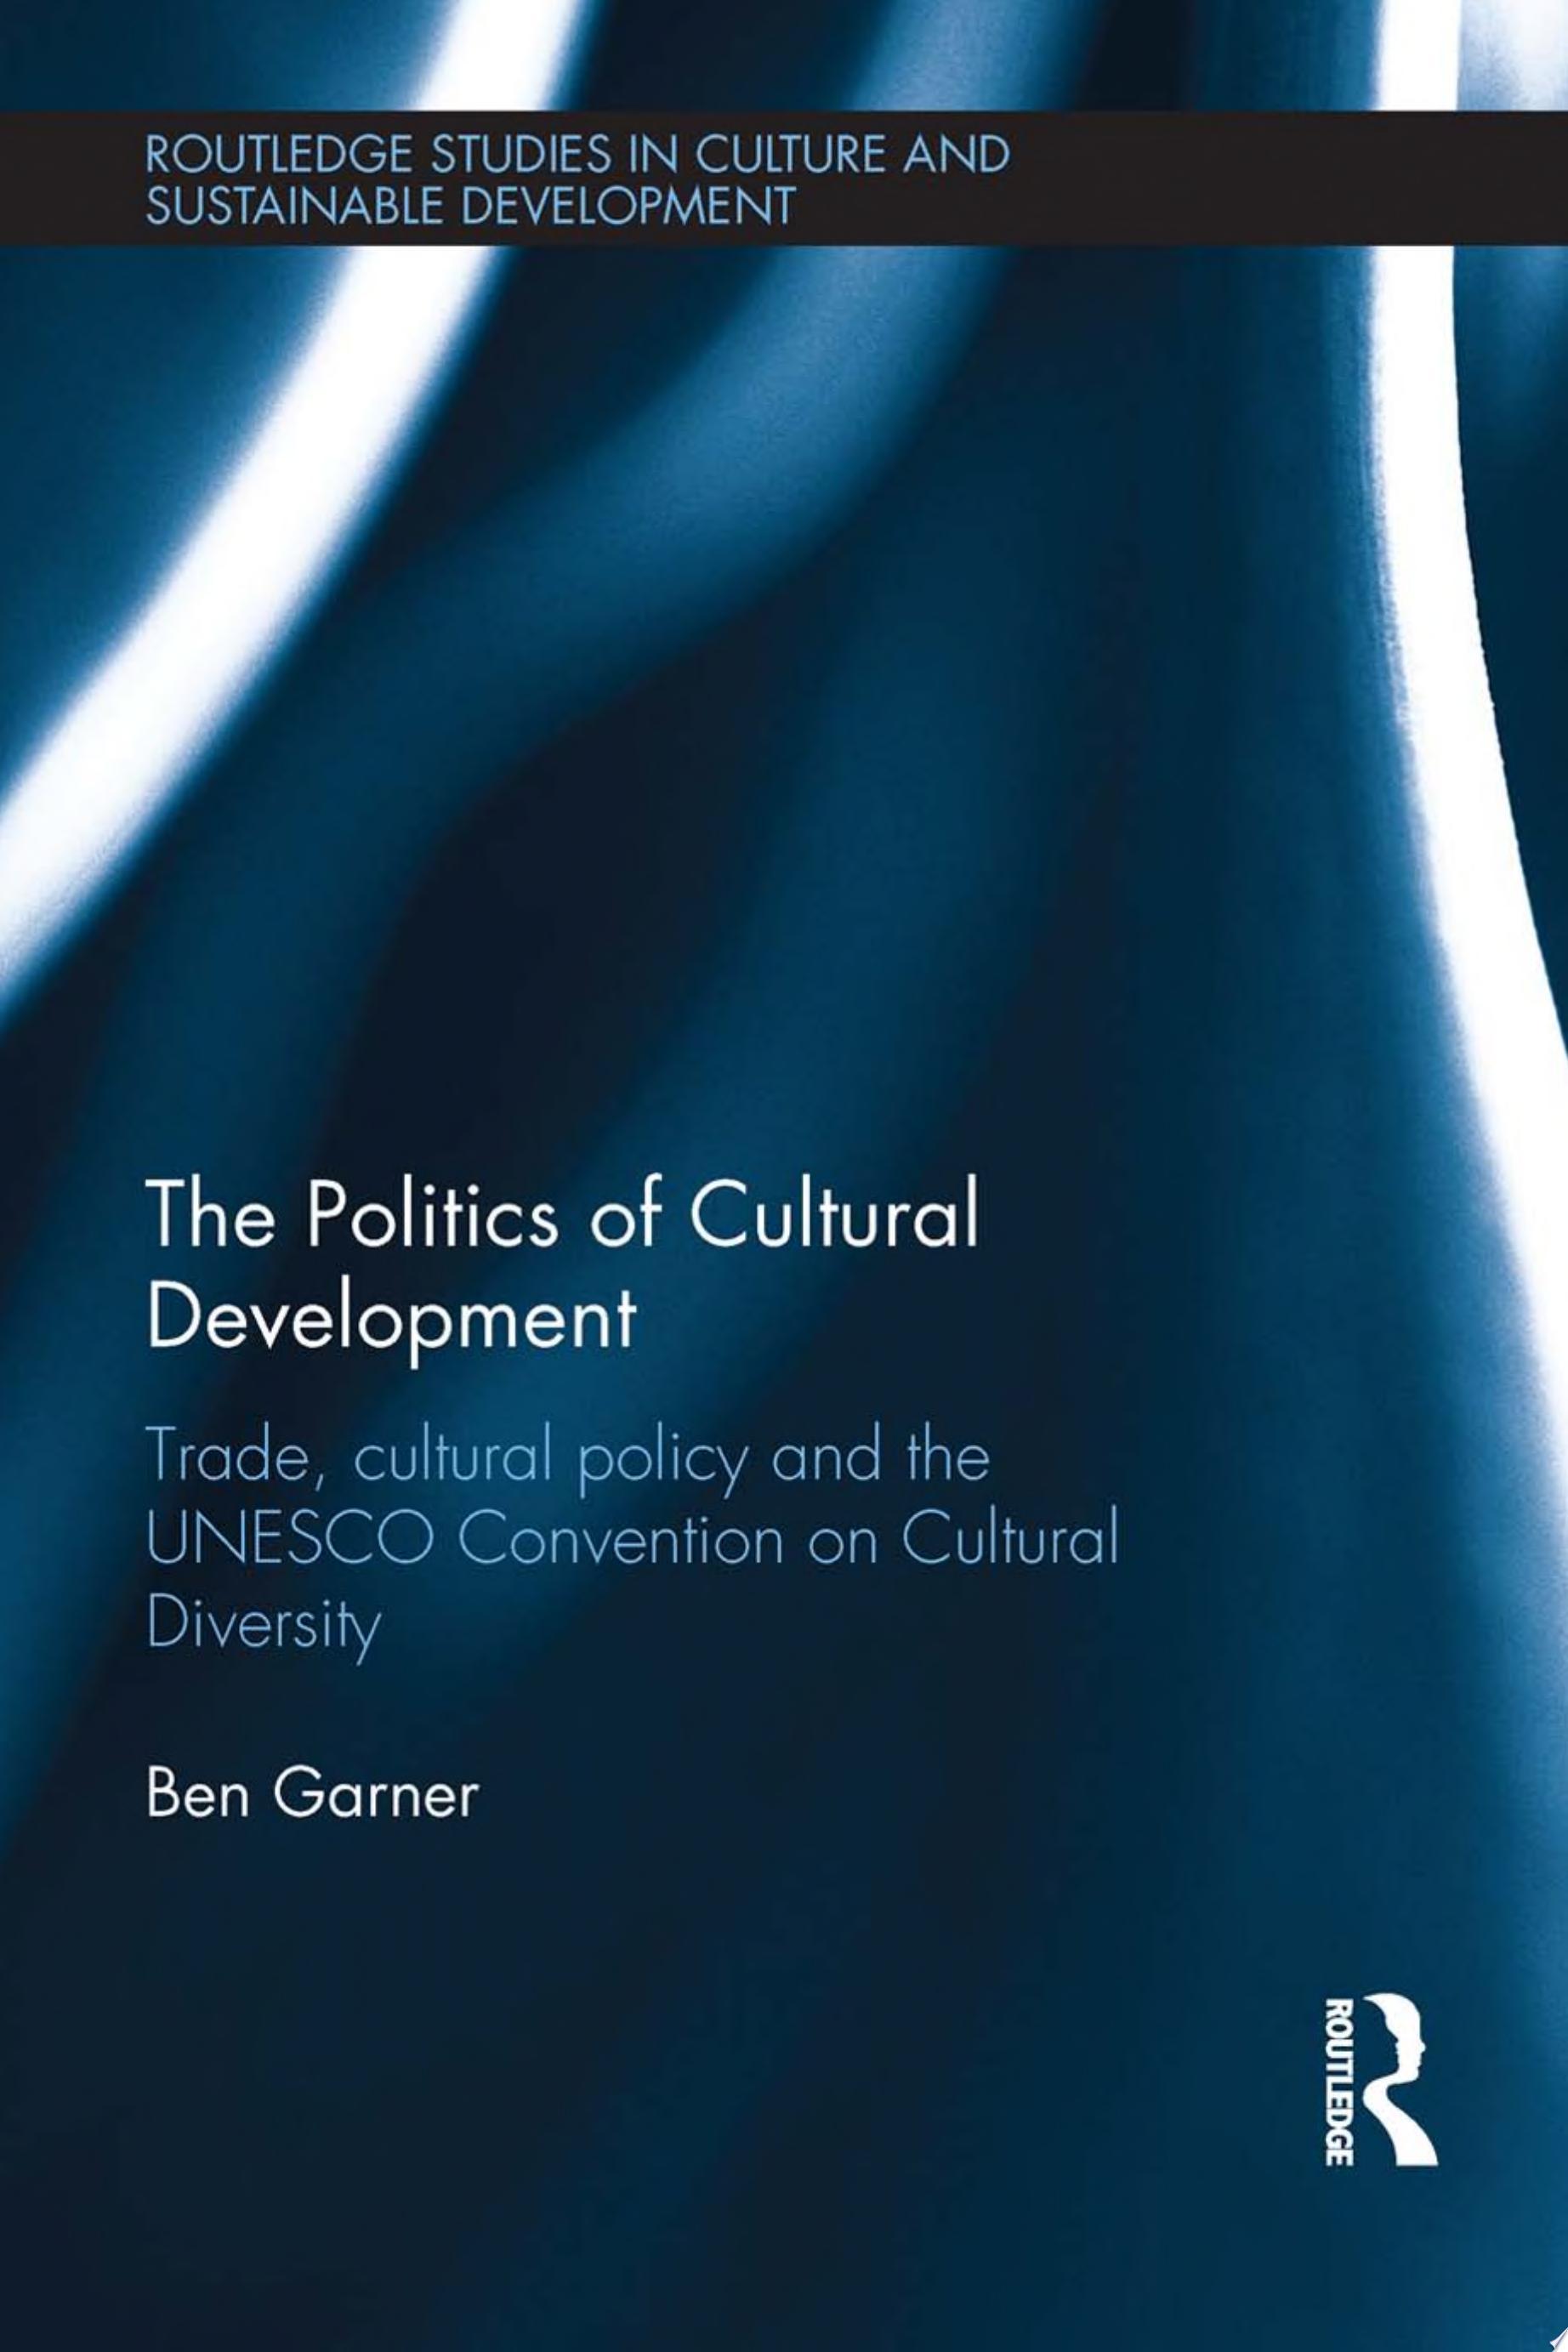 The Politics of Cultural Development